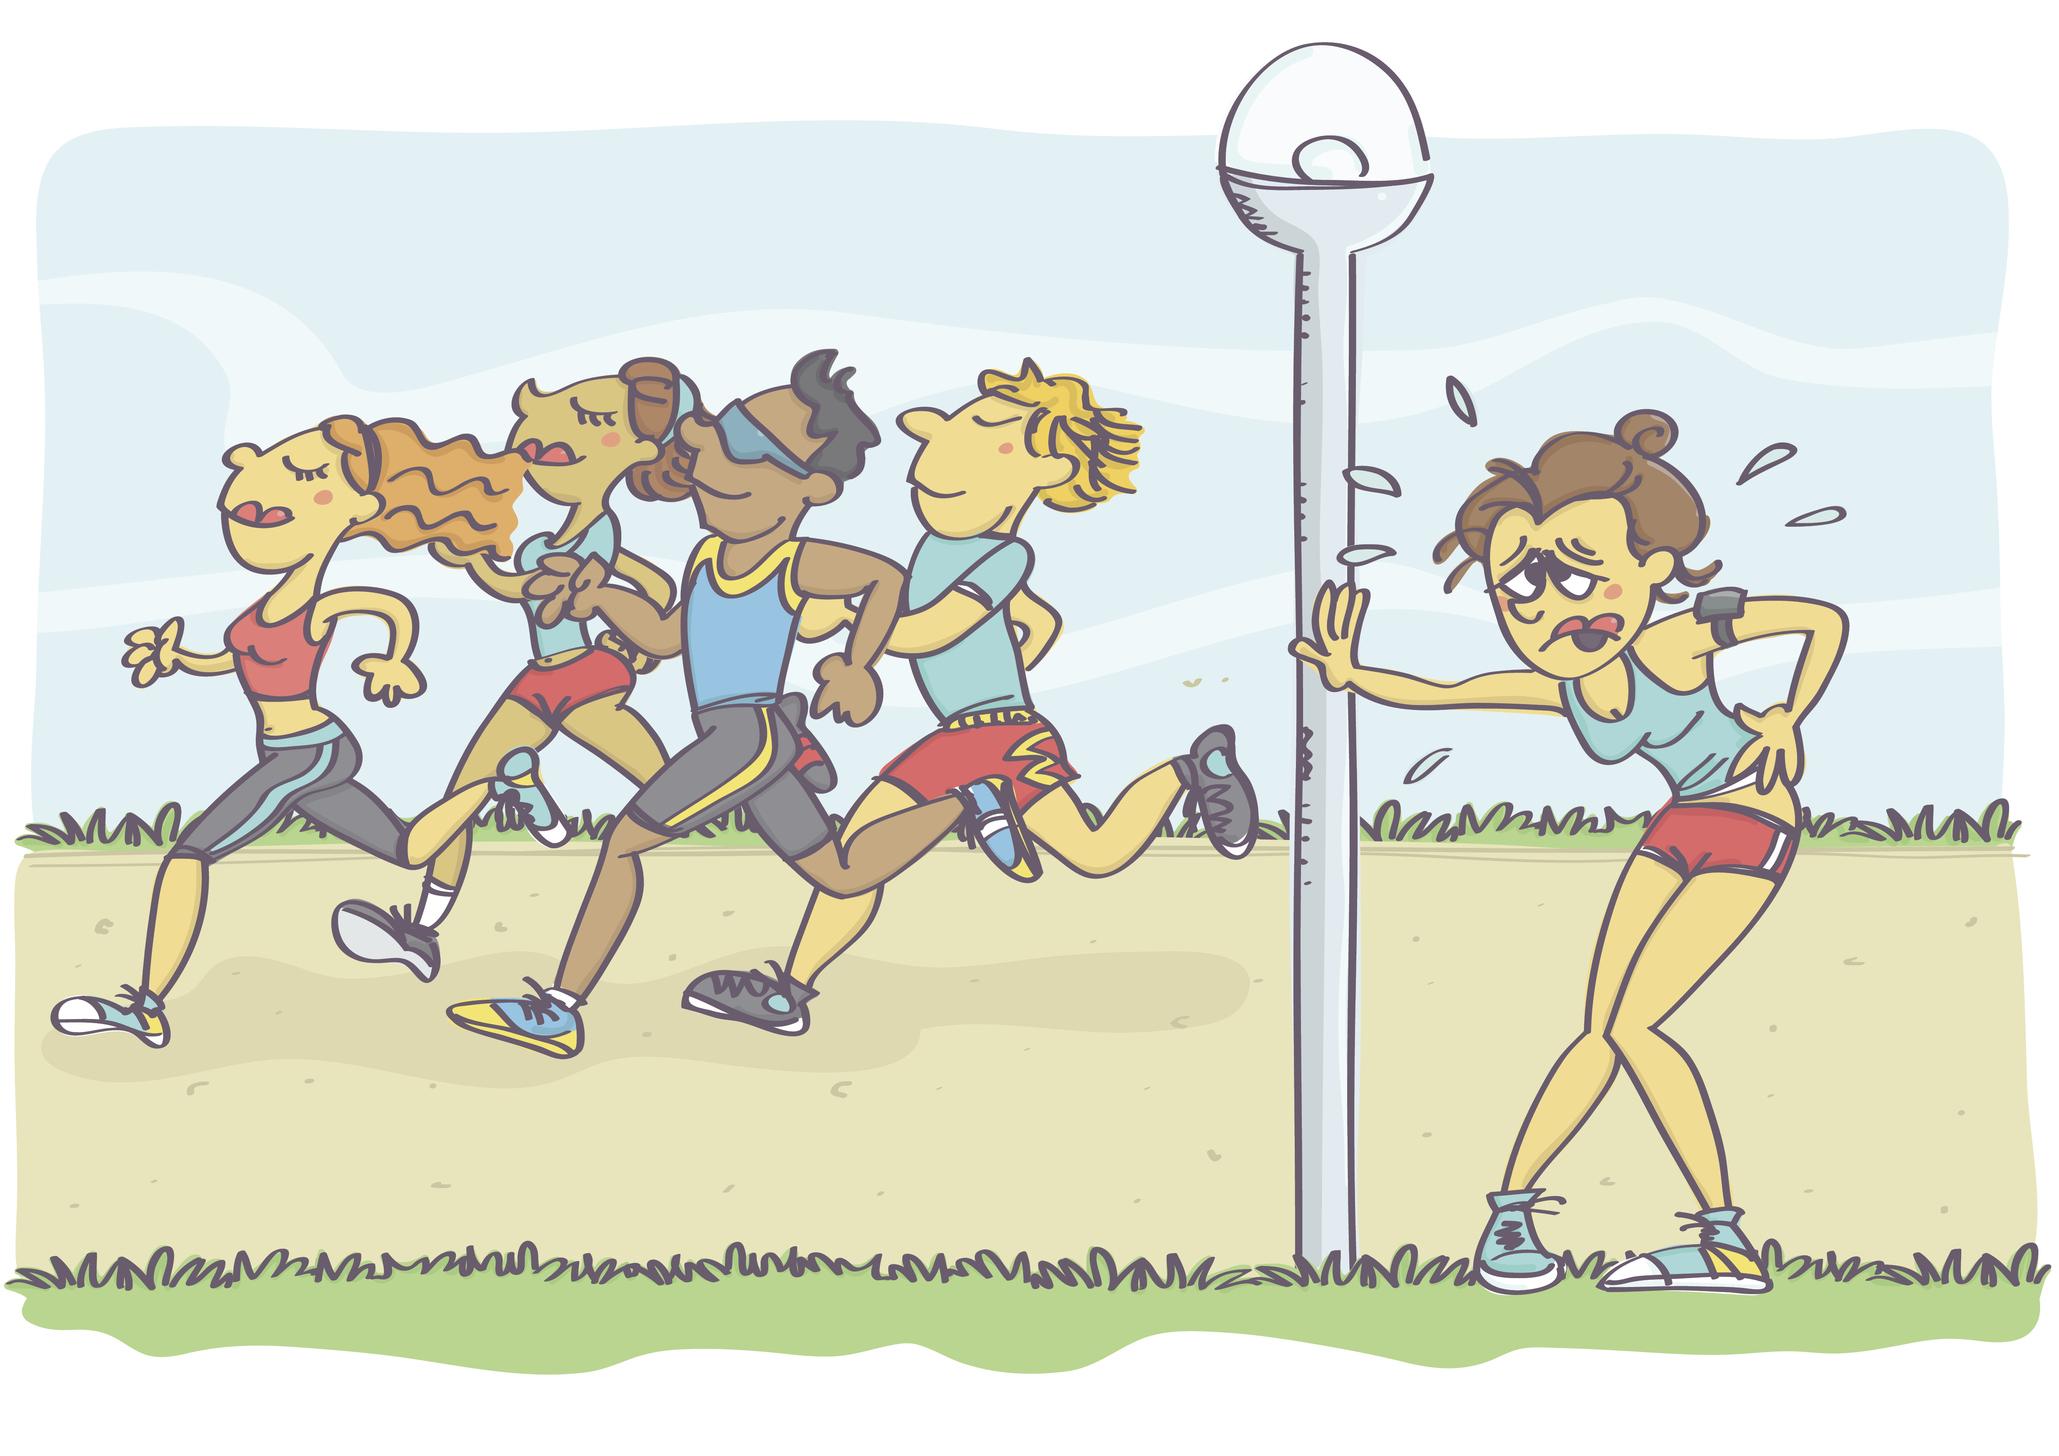 運動マジ嫌いライターが運動音痴から脱却するための秘訣を脳科学者に ...